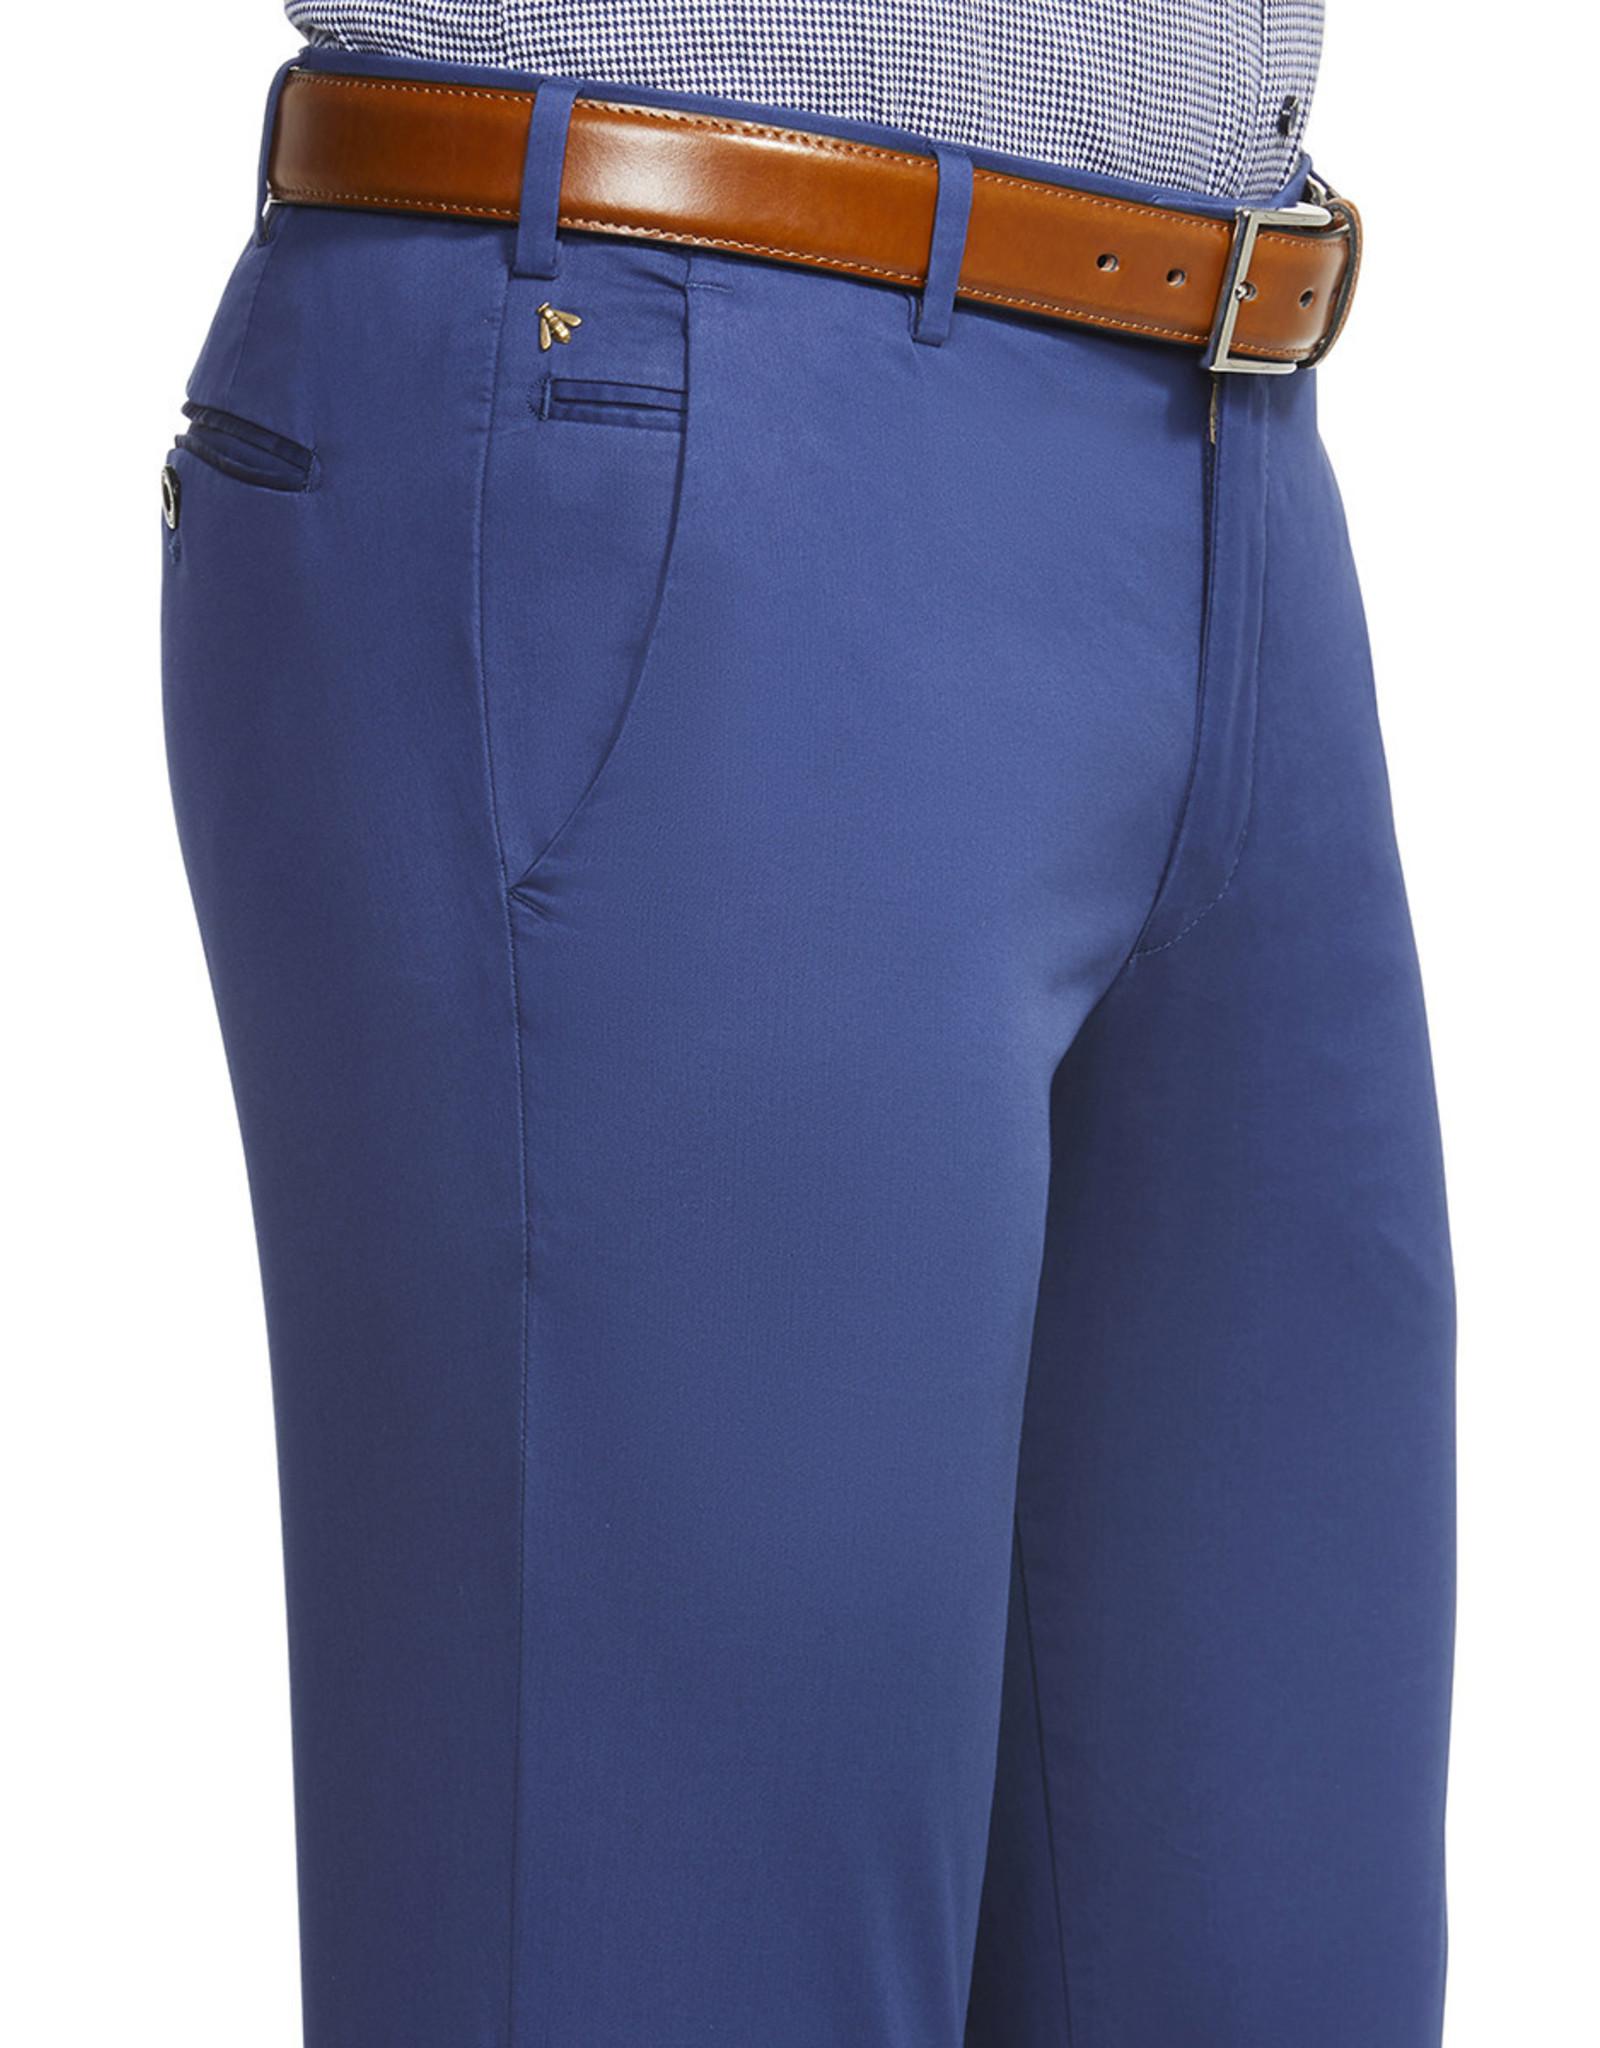 Meyer Exclusive Meyer Exclusive broek katoen blauw 8045/17